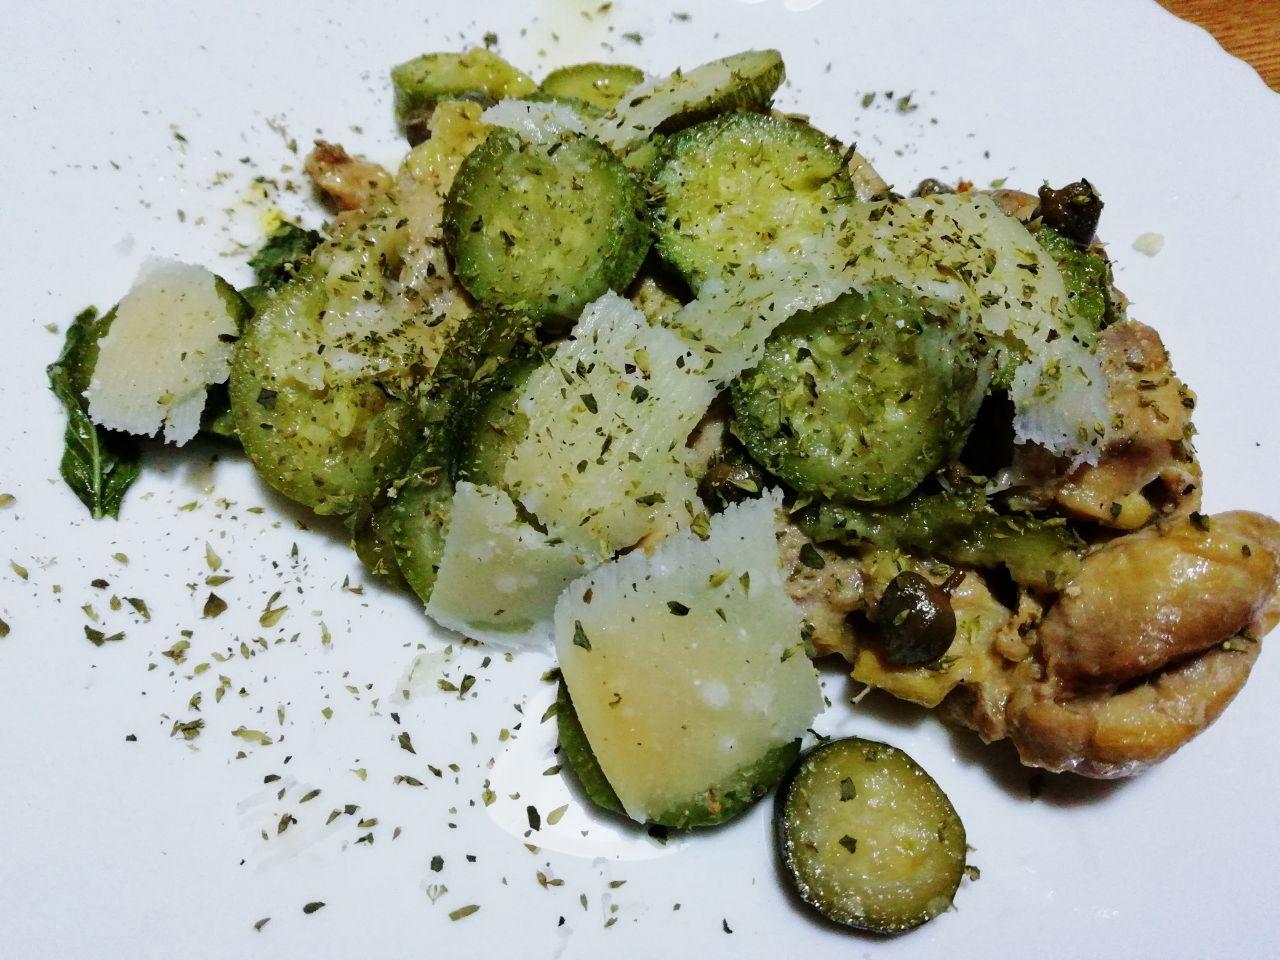 Secondi piatti a base di carne: pollo ruspante con zucchine, grana e capperi!